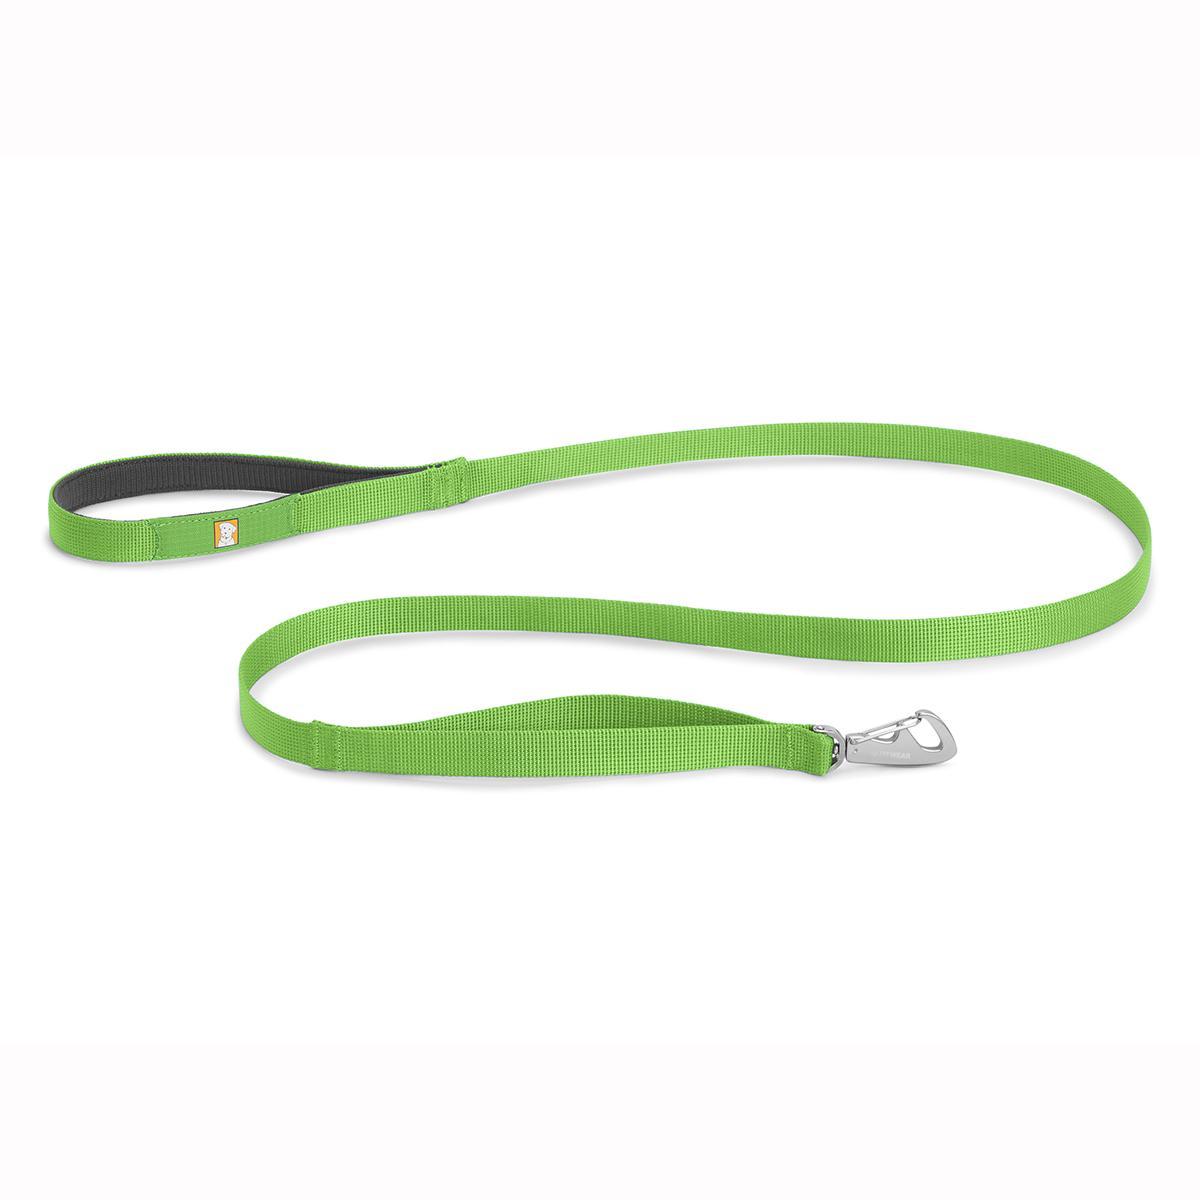 Front Range Dog Leash by RuffWear - Meadow Green